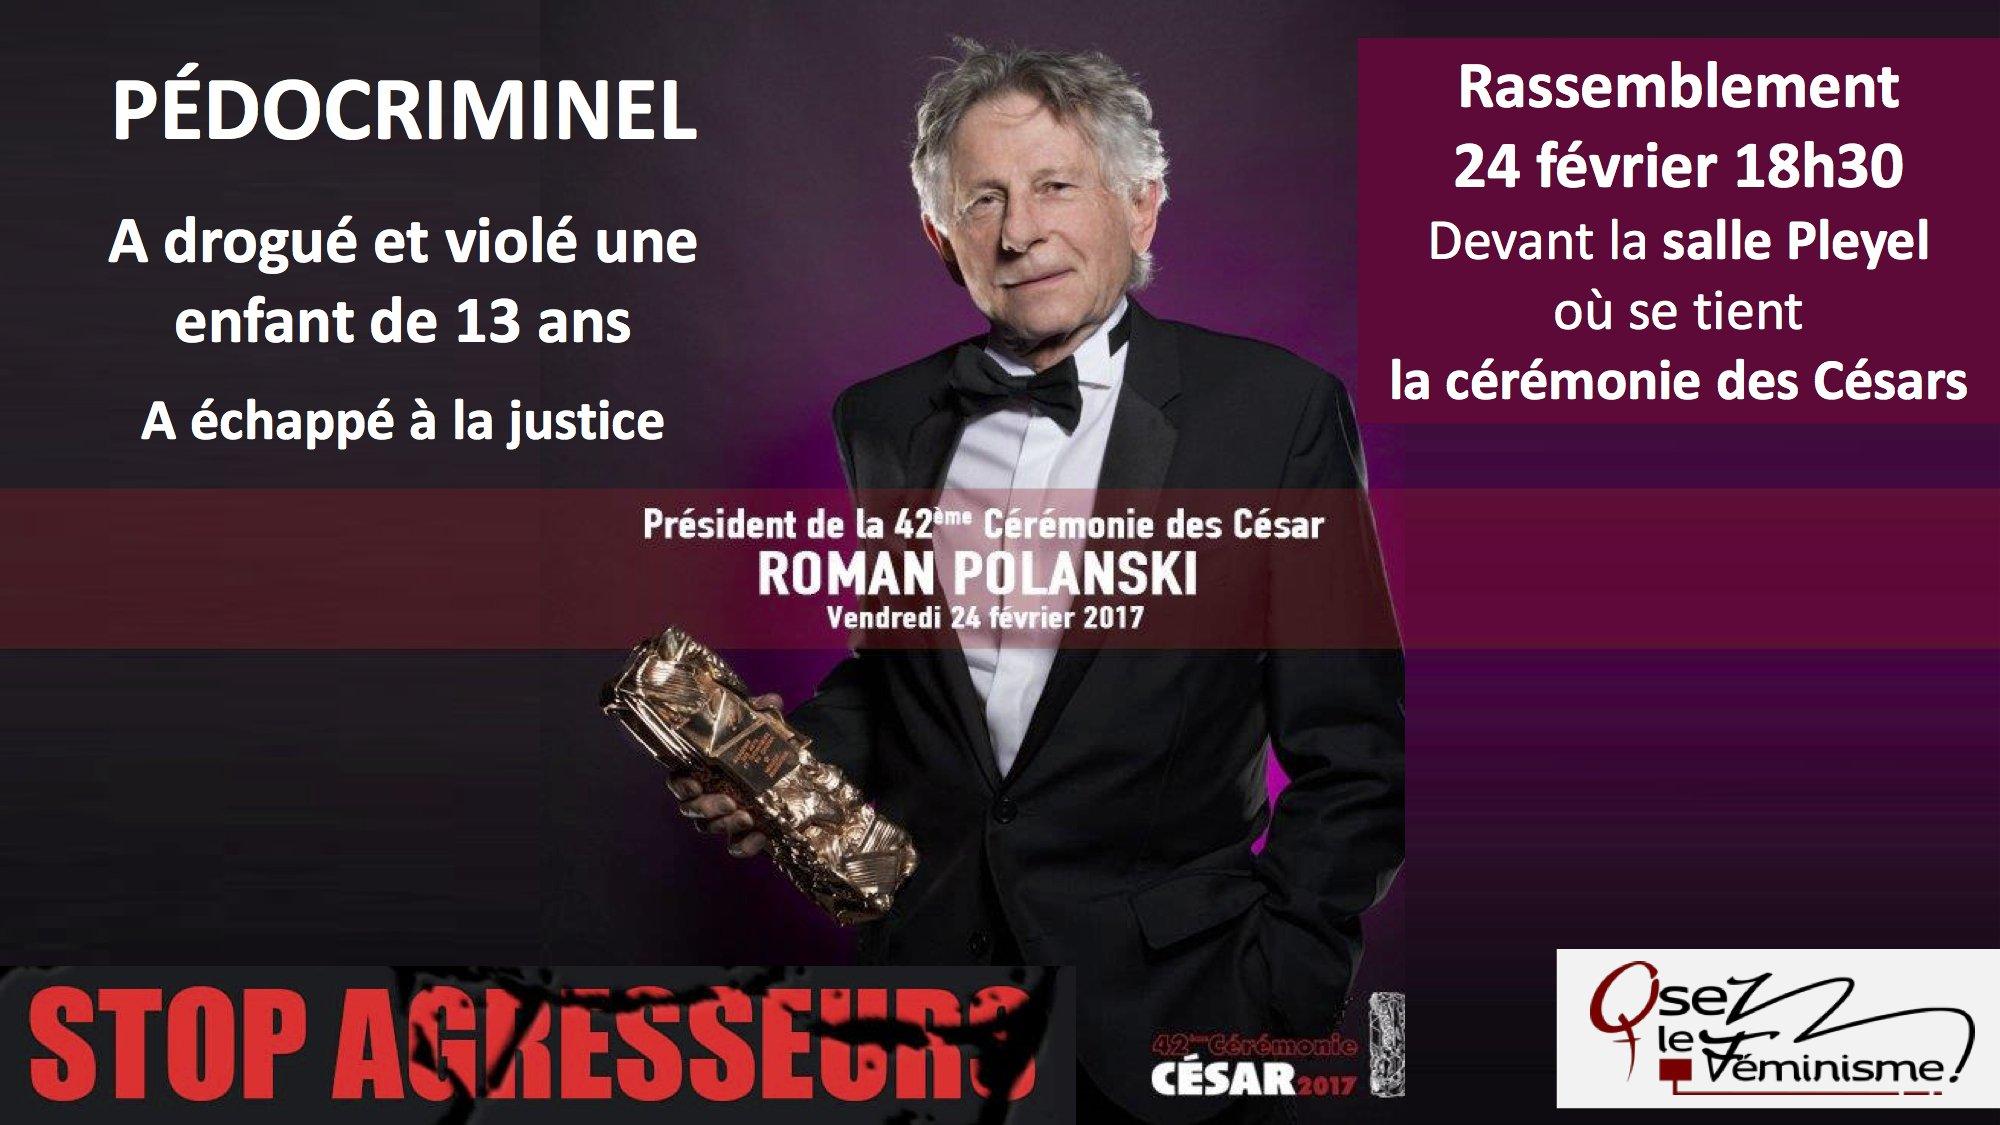 """https://t.co/jIZQayKFyX CP d@osezlefeminisme: """"Polanski nommé psdt des #César2017 par @Les_Cesar: nous avons la nausée!"""" #viol #pédocriminel https://t.co/iv2Kdiaumh"""